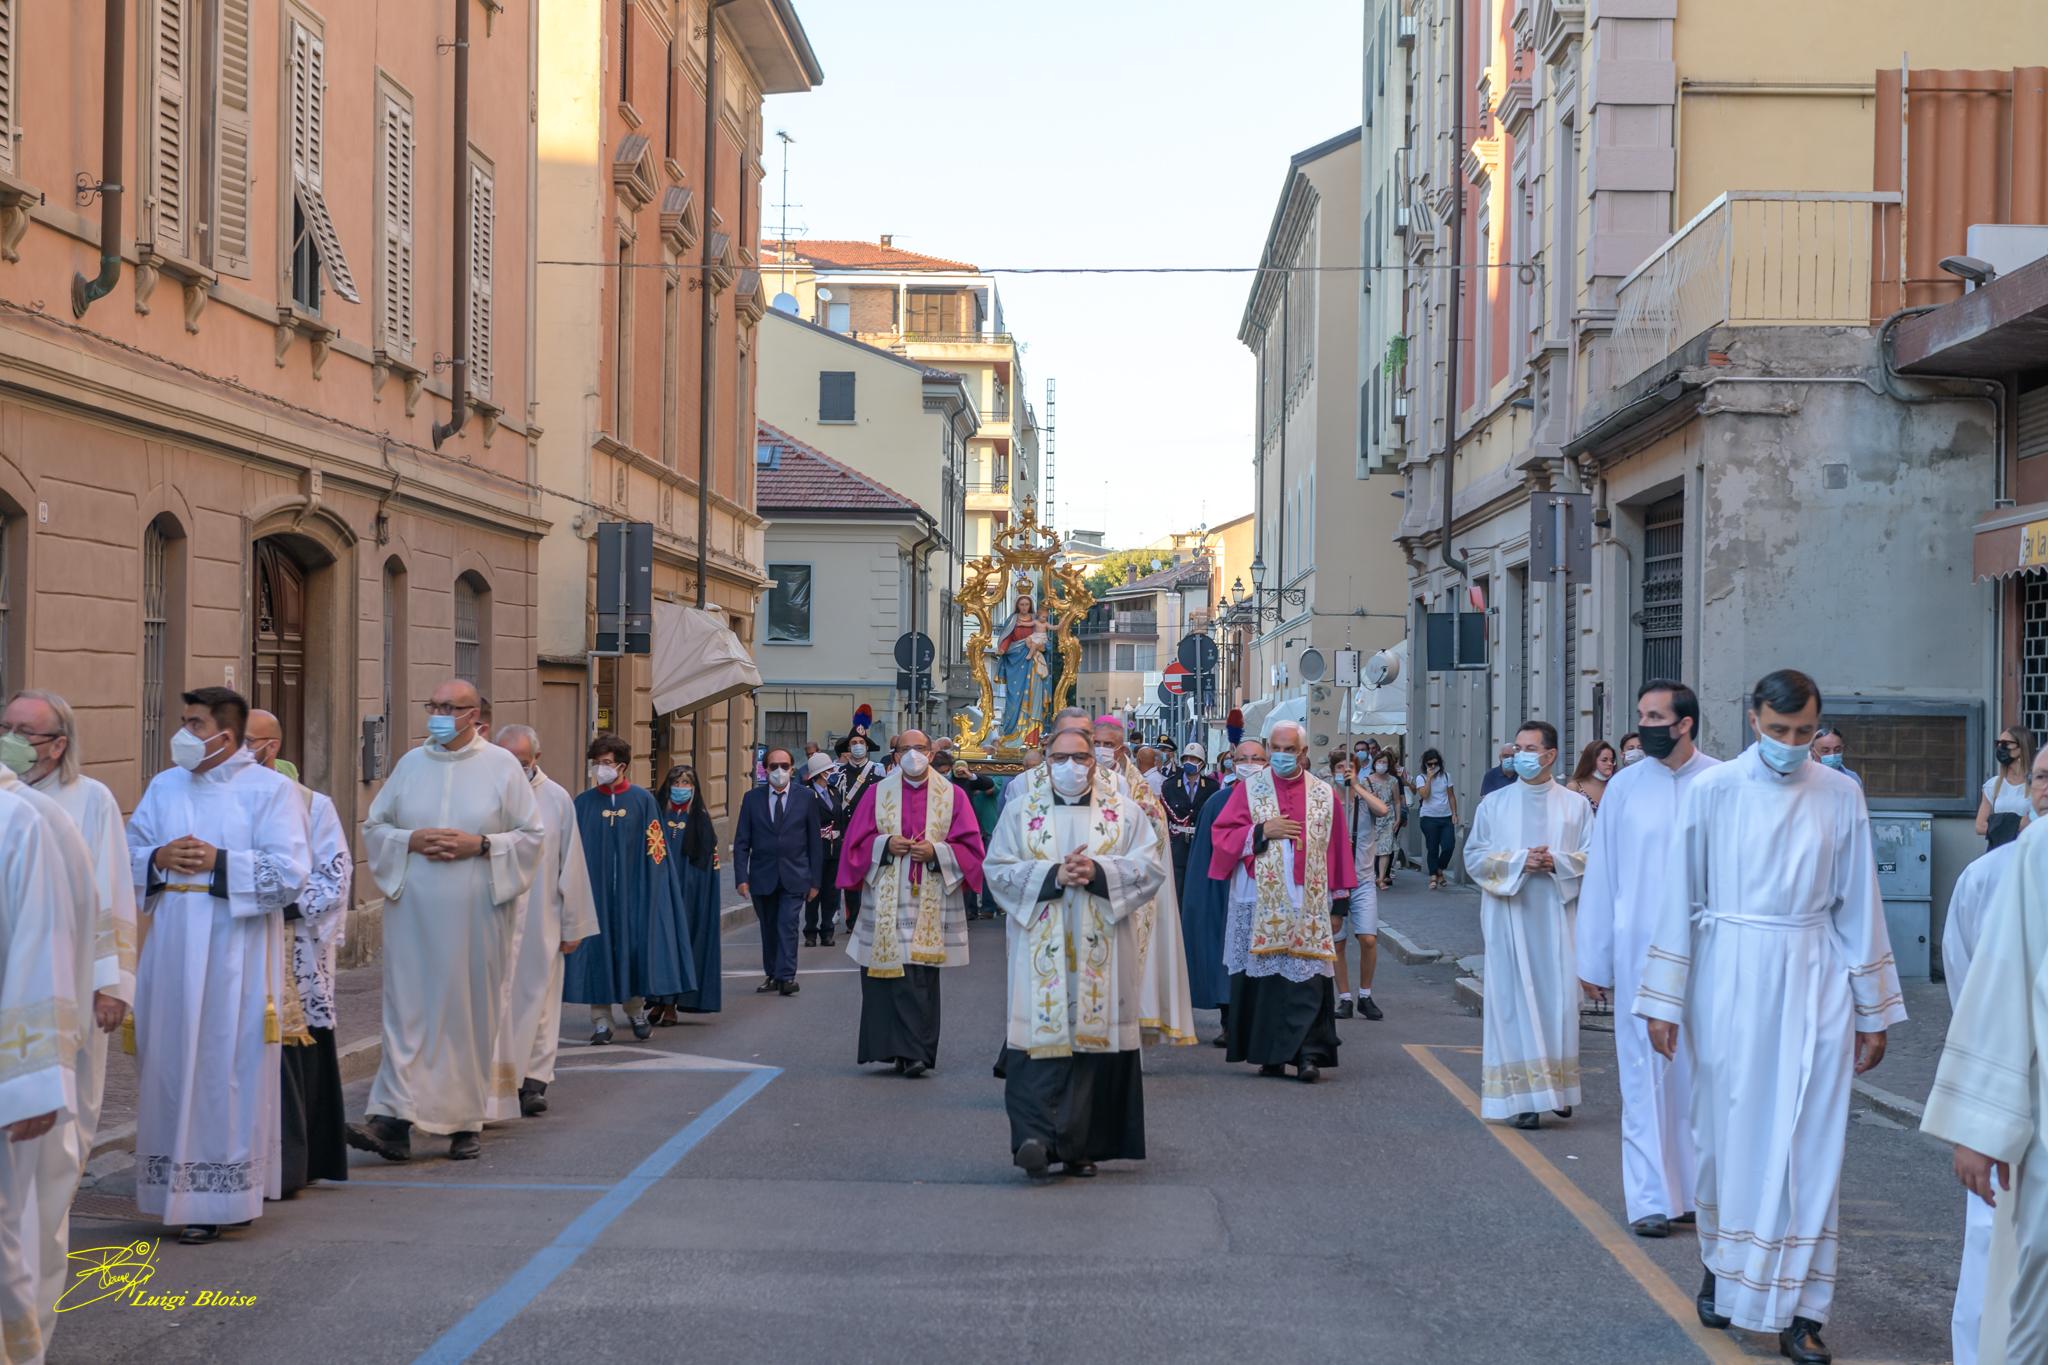 29-agosto-2021-Viola-17-e-processione-MdG-–-FOTO_mdg_-229